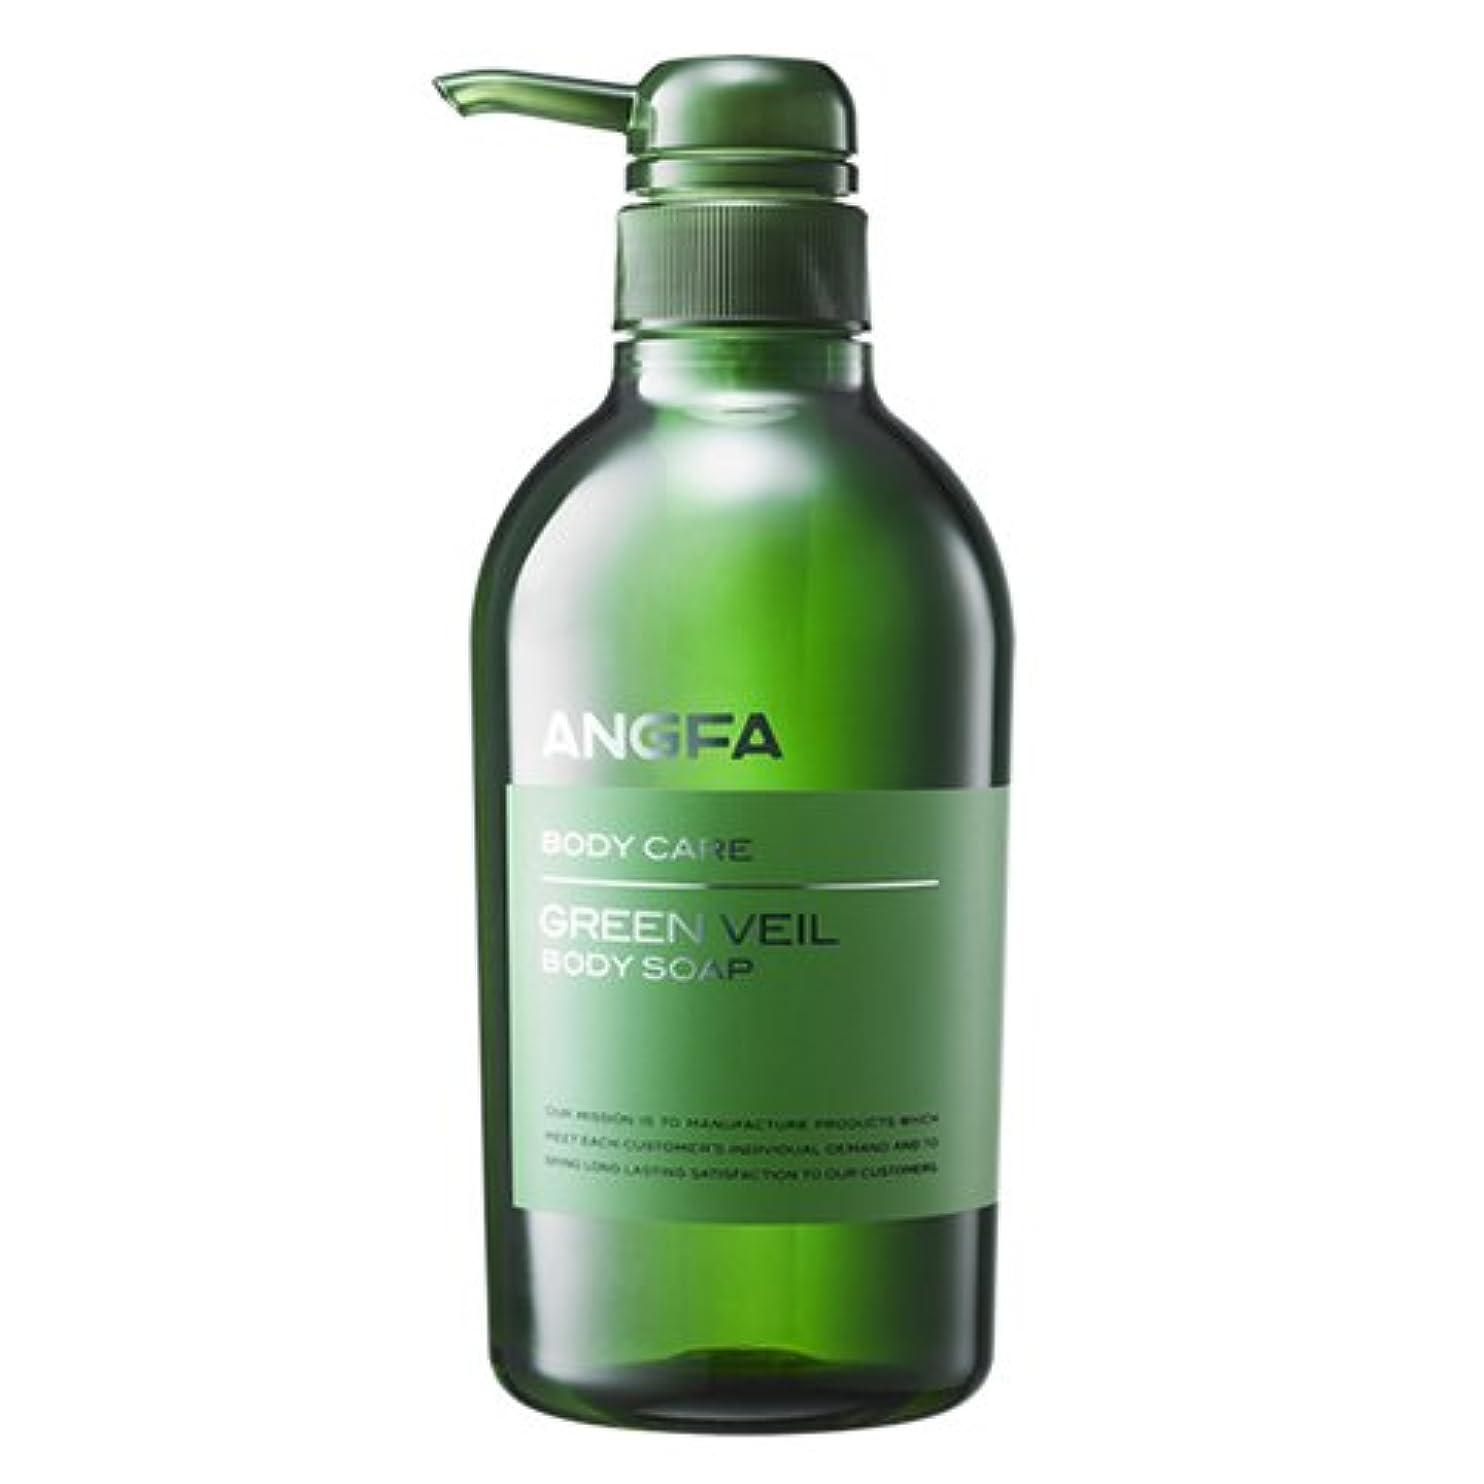 リスクアルバニートライアスロンアンファー (ANGFA) グリーンベール 薬用ボディソープ 500ml グリーンフローラル [乾燥?保湿] かゆみ肌